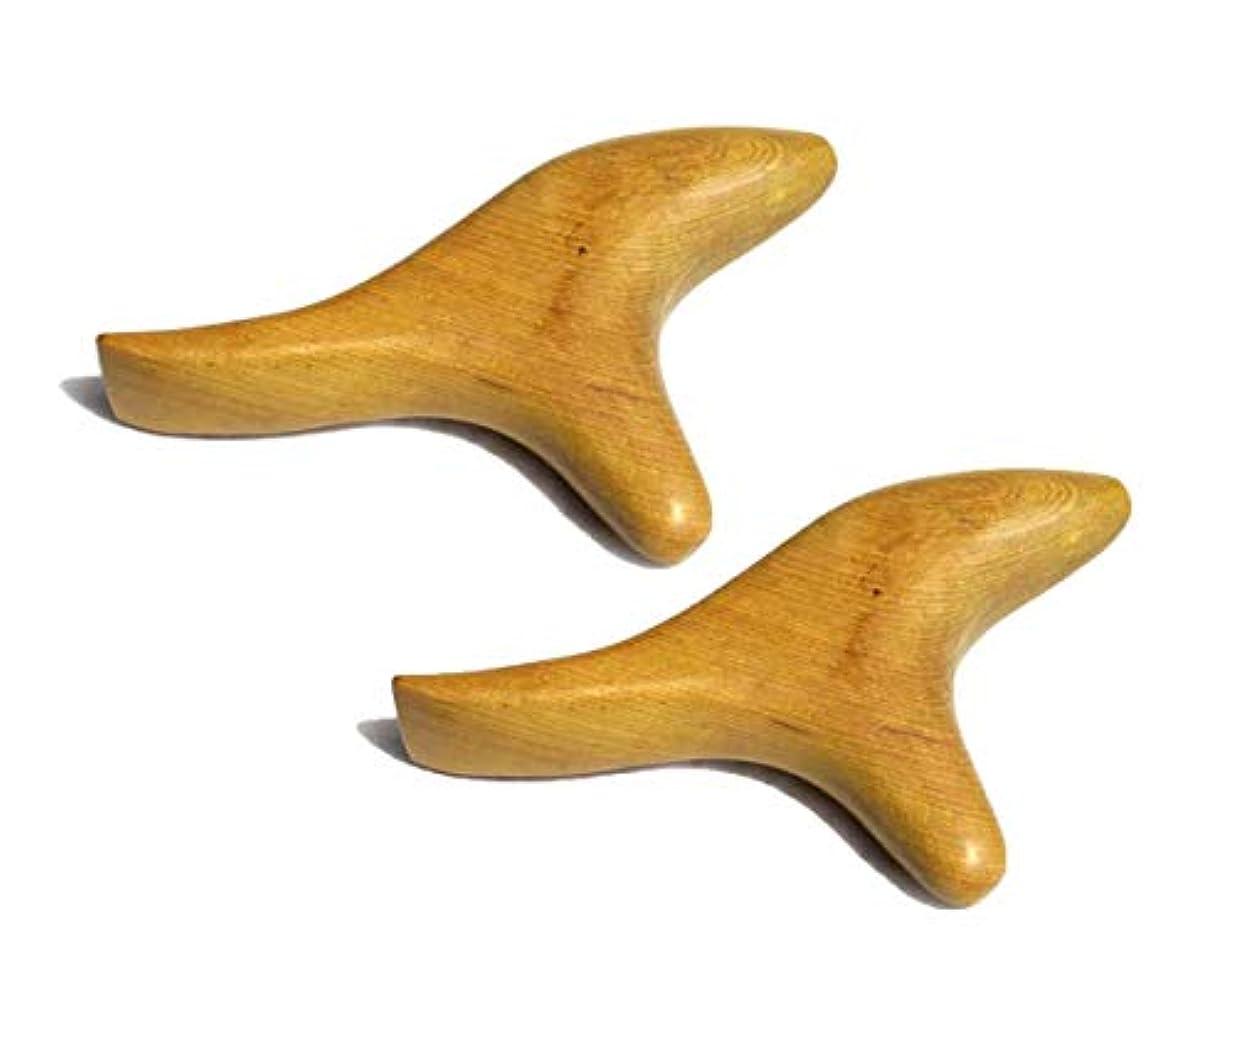 見通し仲介者アレンジViffly ウッドマッサージ棒 握りタイプ 天然木 オカリナ型(ウッドマッサージ棒2個)